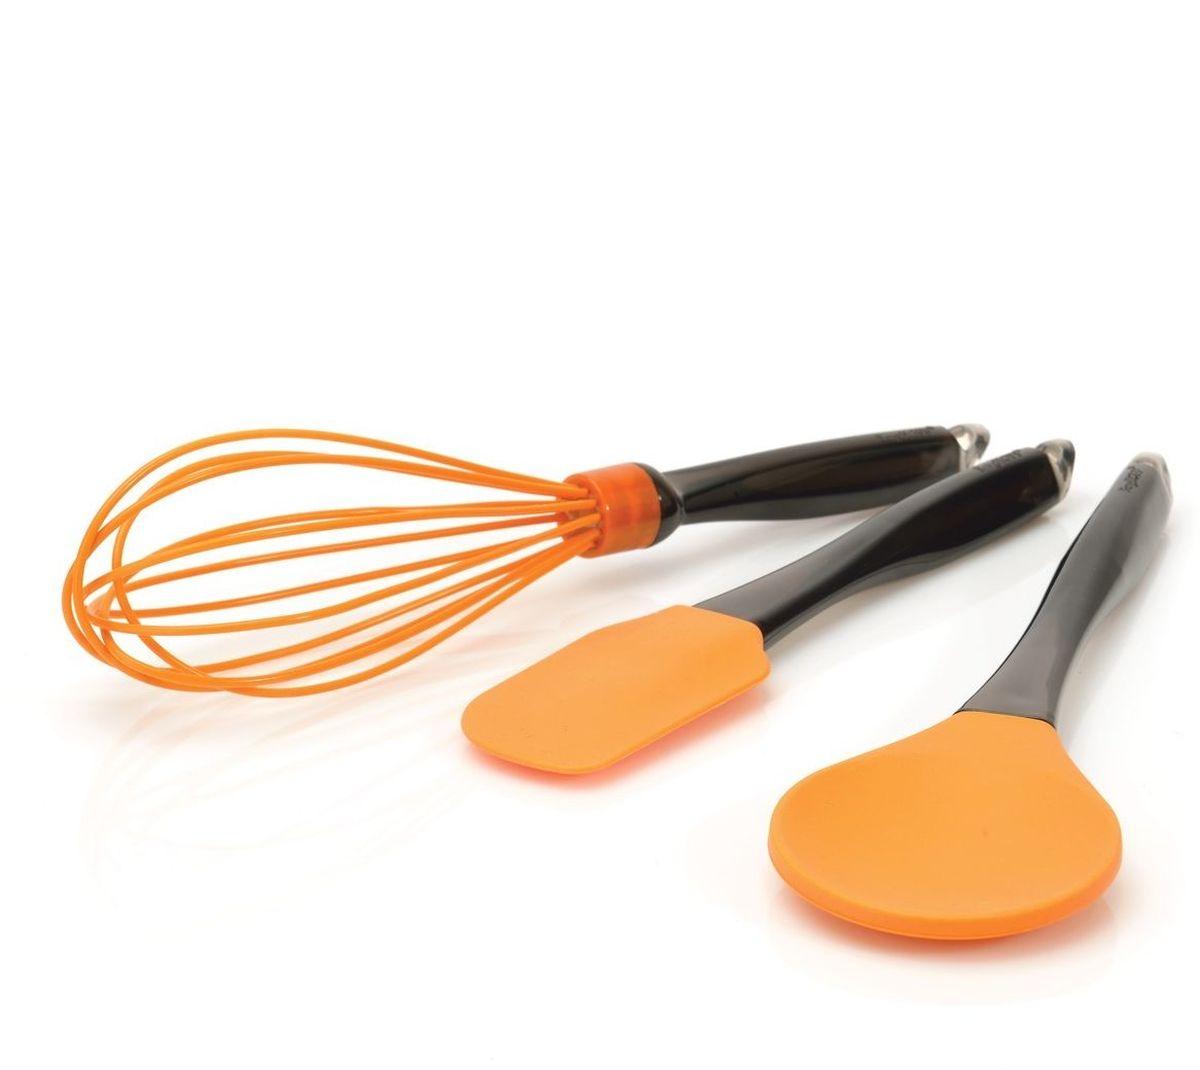 Набор кухонных принадлежностей BergHOFF, цвет: оранжевый, 3 предмета4491006